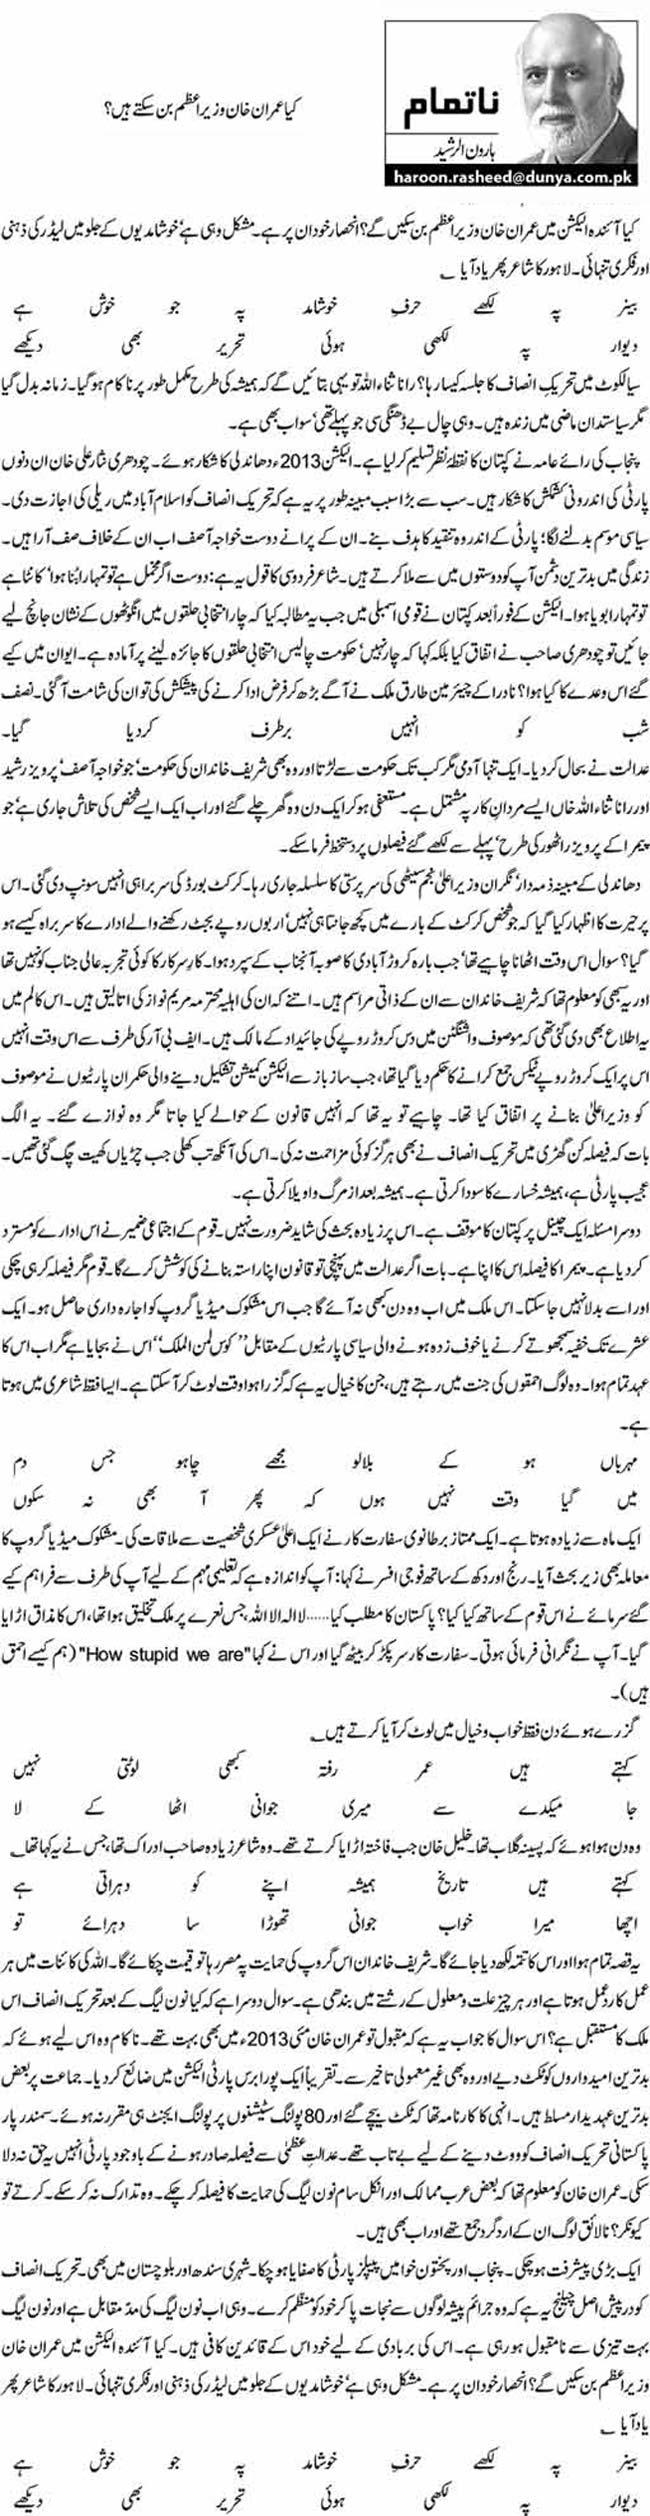 کیا عمران خان وزیراعظم بن سکتے ہیں؟